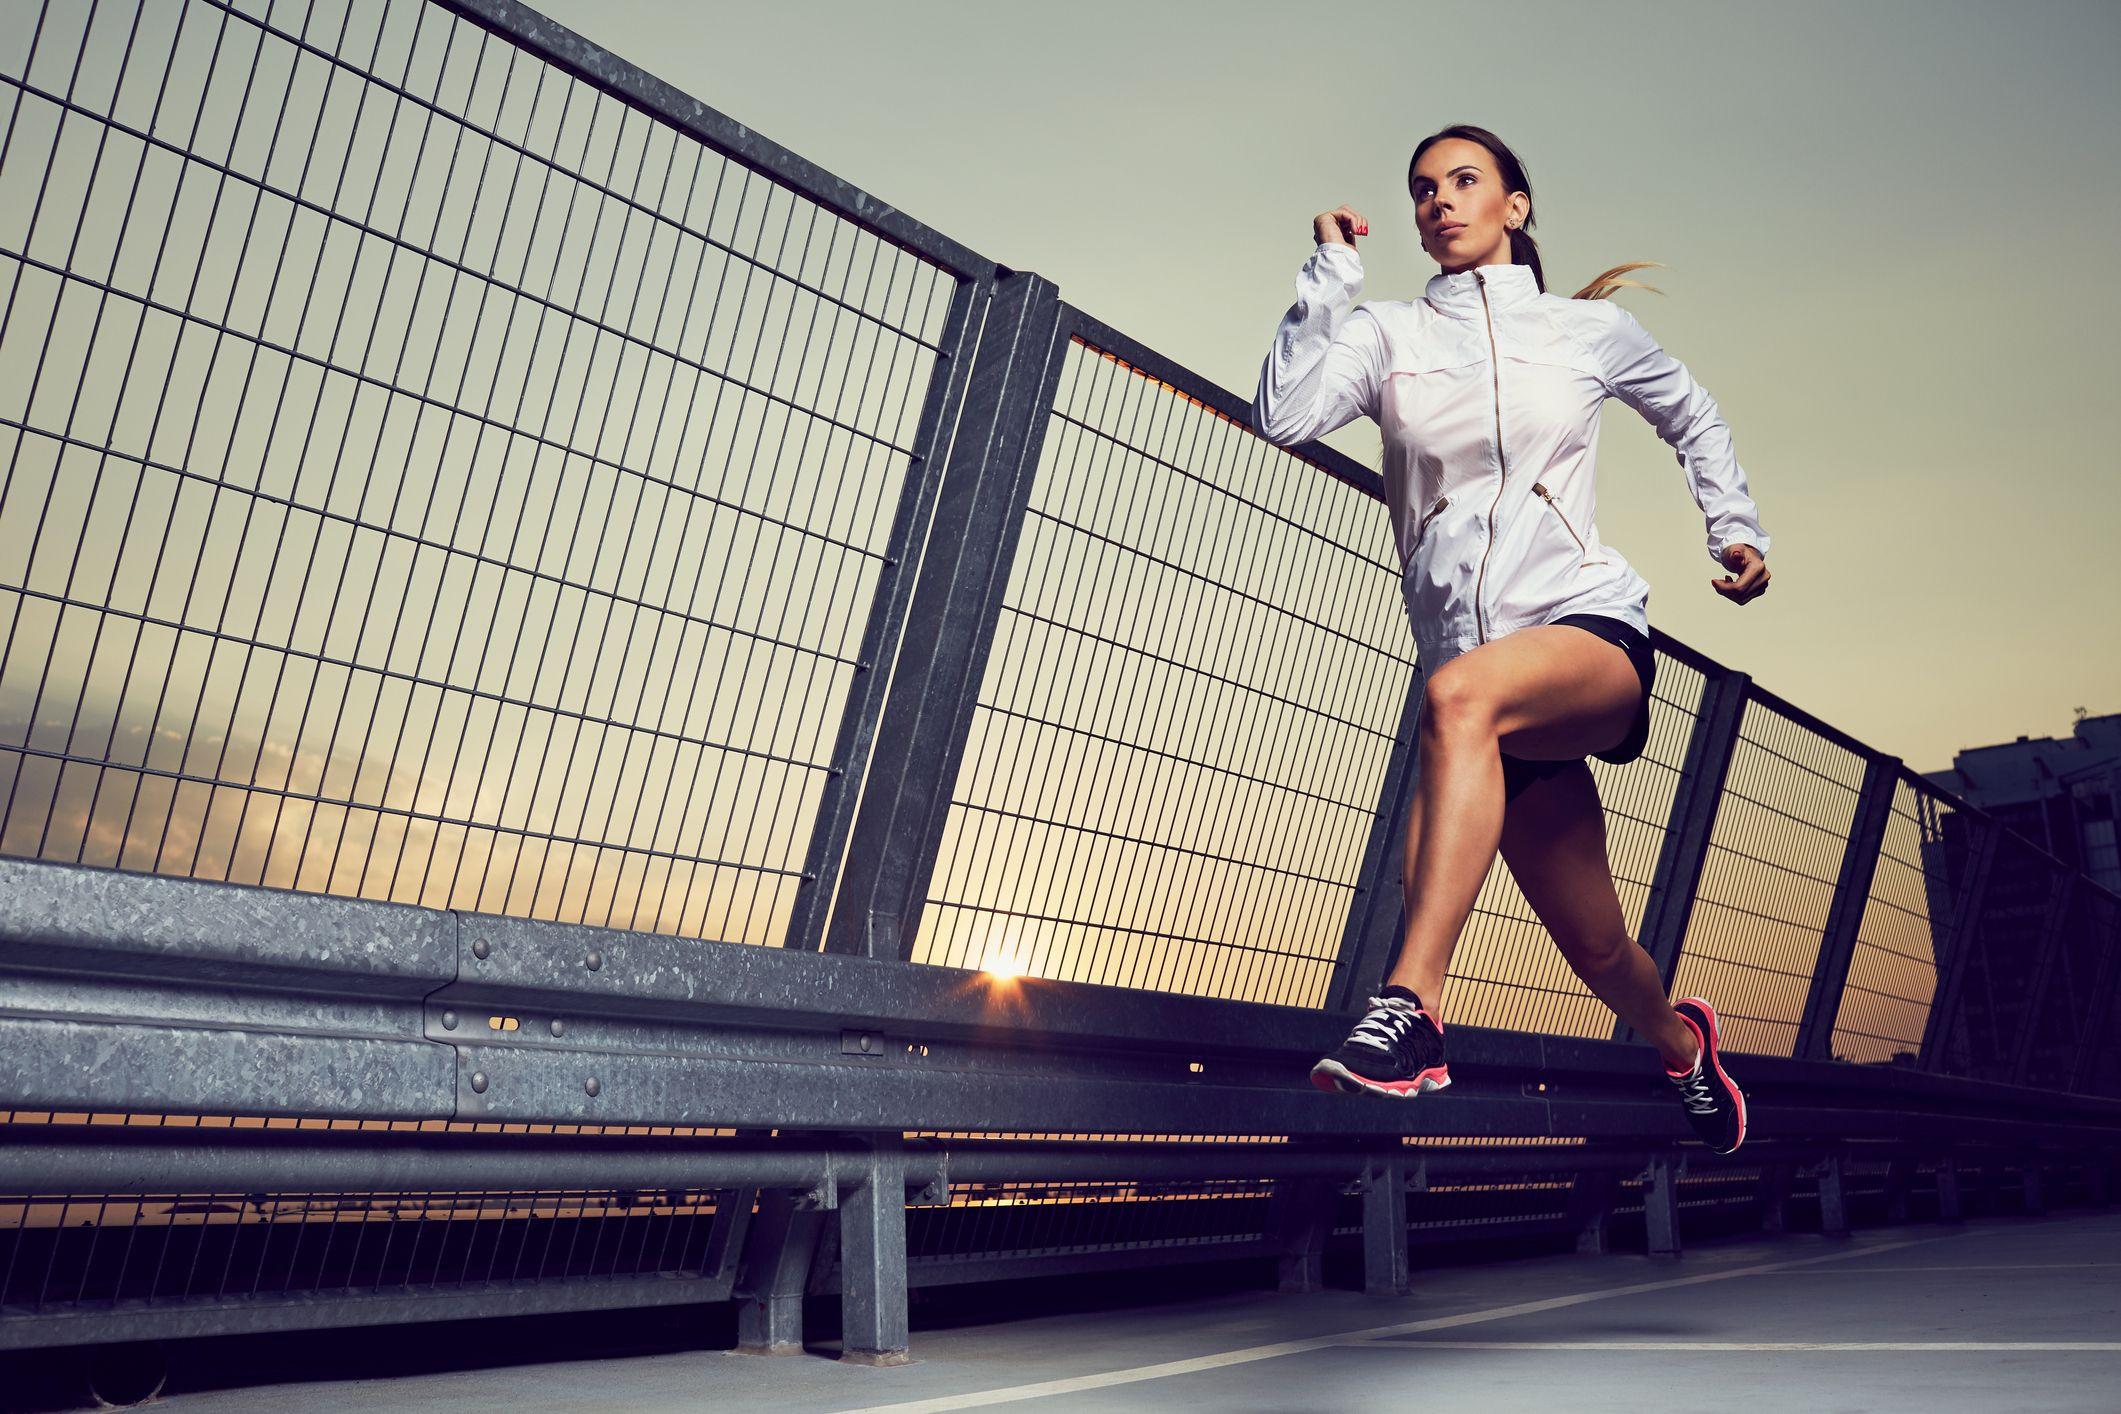 A quatro meses da Meia Maratona EDP, treinemos a intensidade da corrida